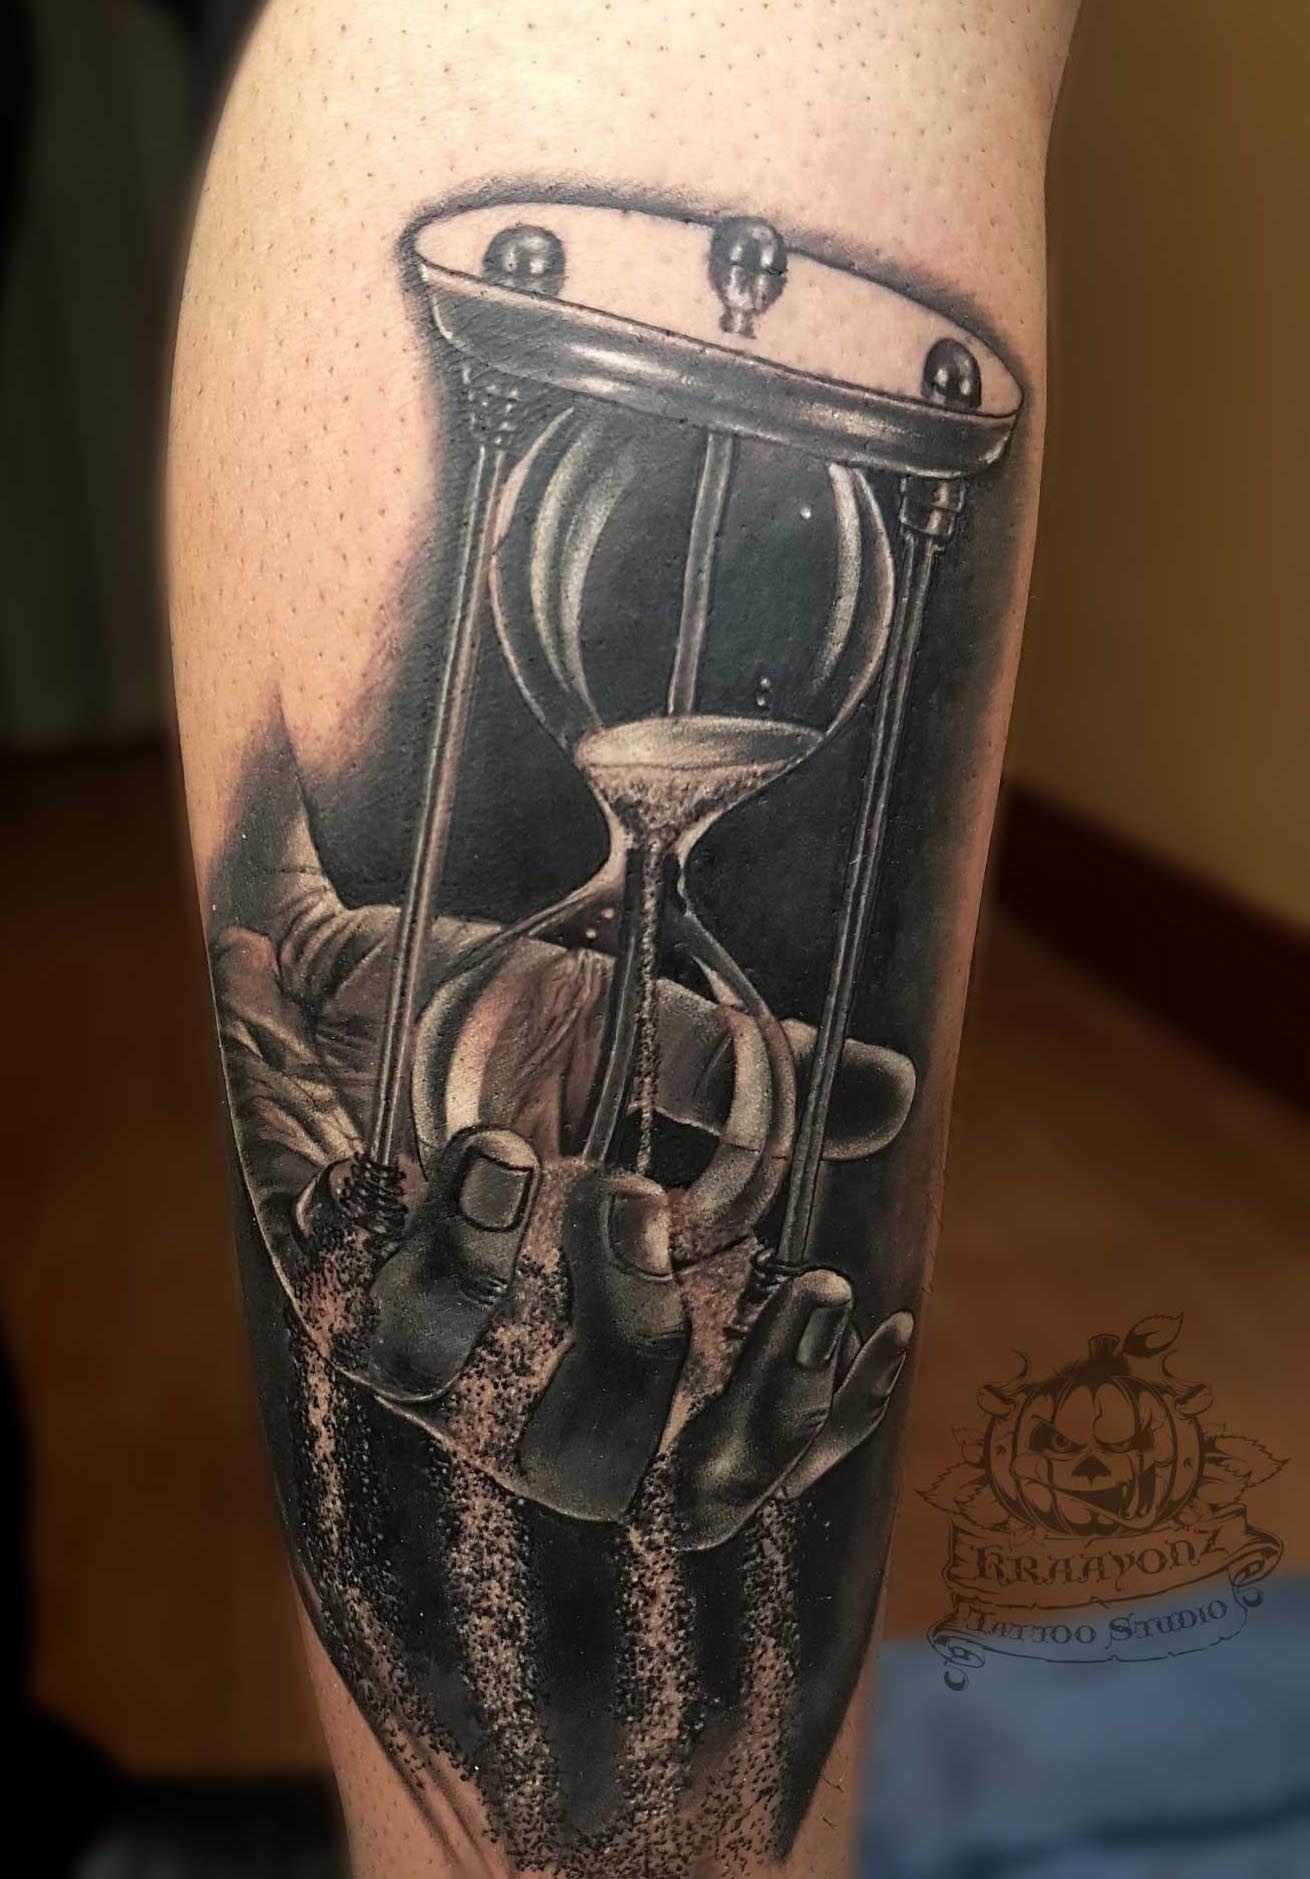 Hourglass Tattoos For Men : hourglass, tattoos, Hourglass, Tattoo, Design, Sameer, Patange,, Artist, Mumbai,, India, Tattoos, Guys,, Inside, Bicep, Tattoo,